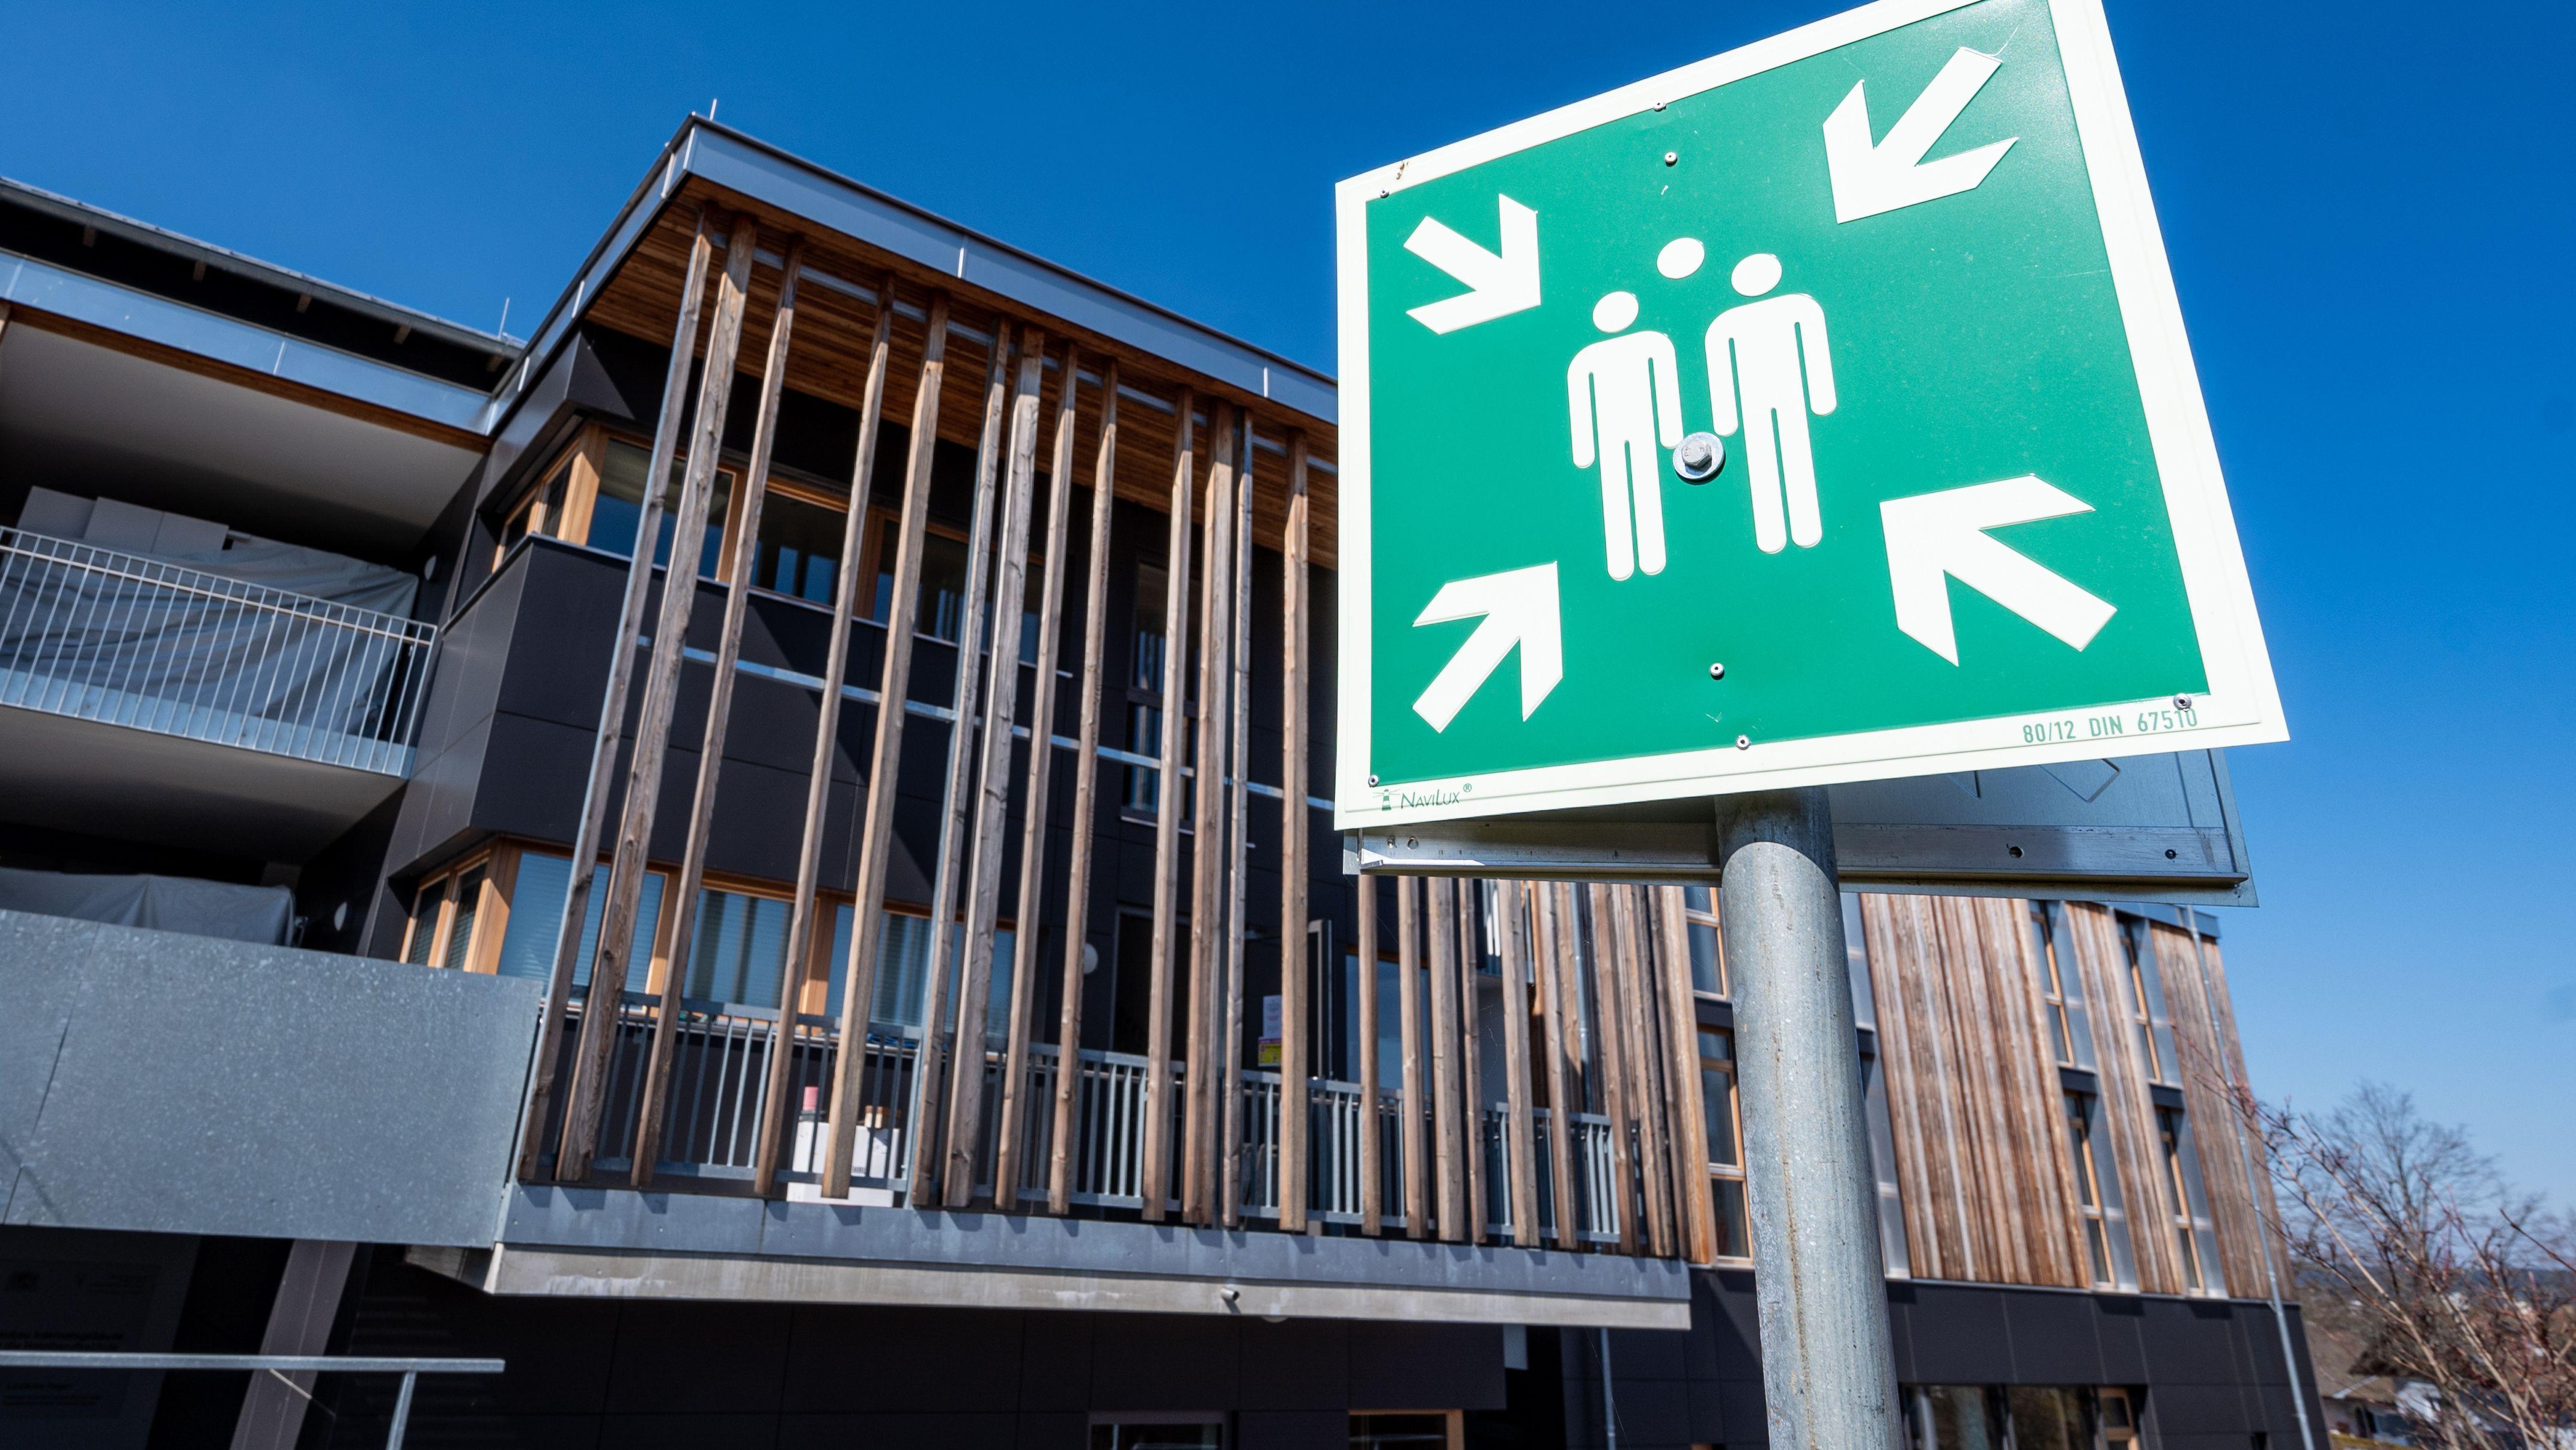 Das Internat der Staatlichen Hotelfachschule in Viechtach dient künftig als Hilfskrankenhaus.